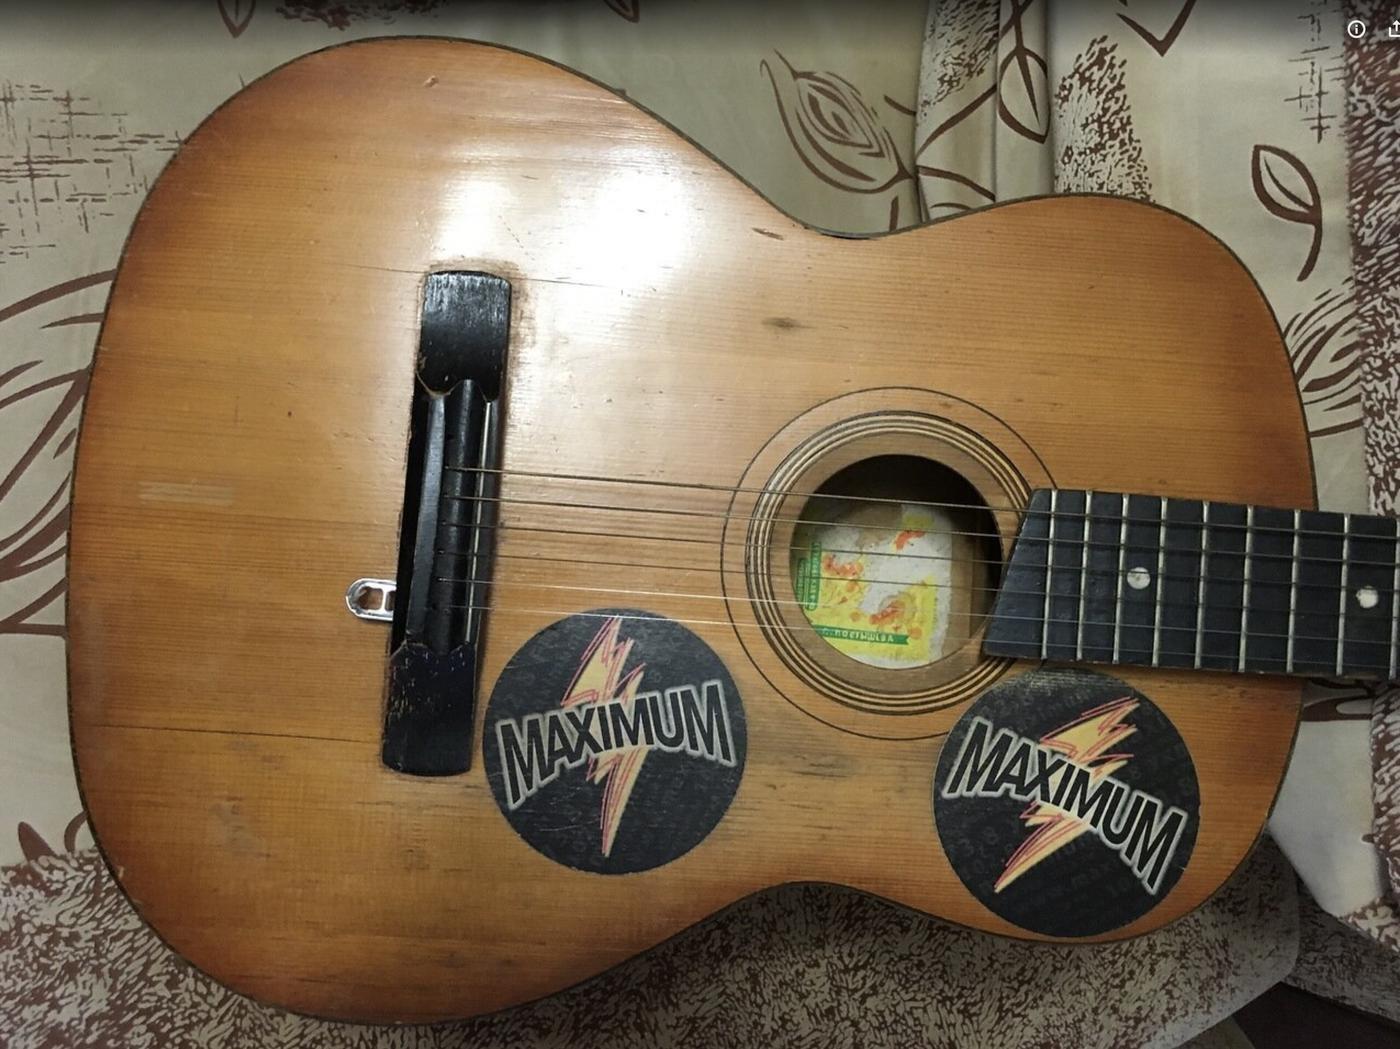 Нашел фото первой гитары, правда только обрезаное